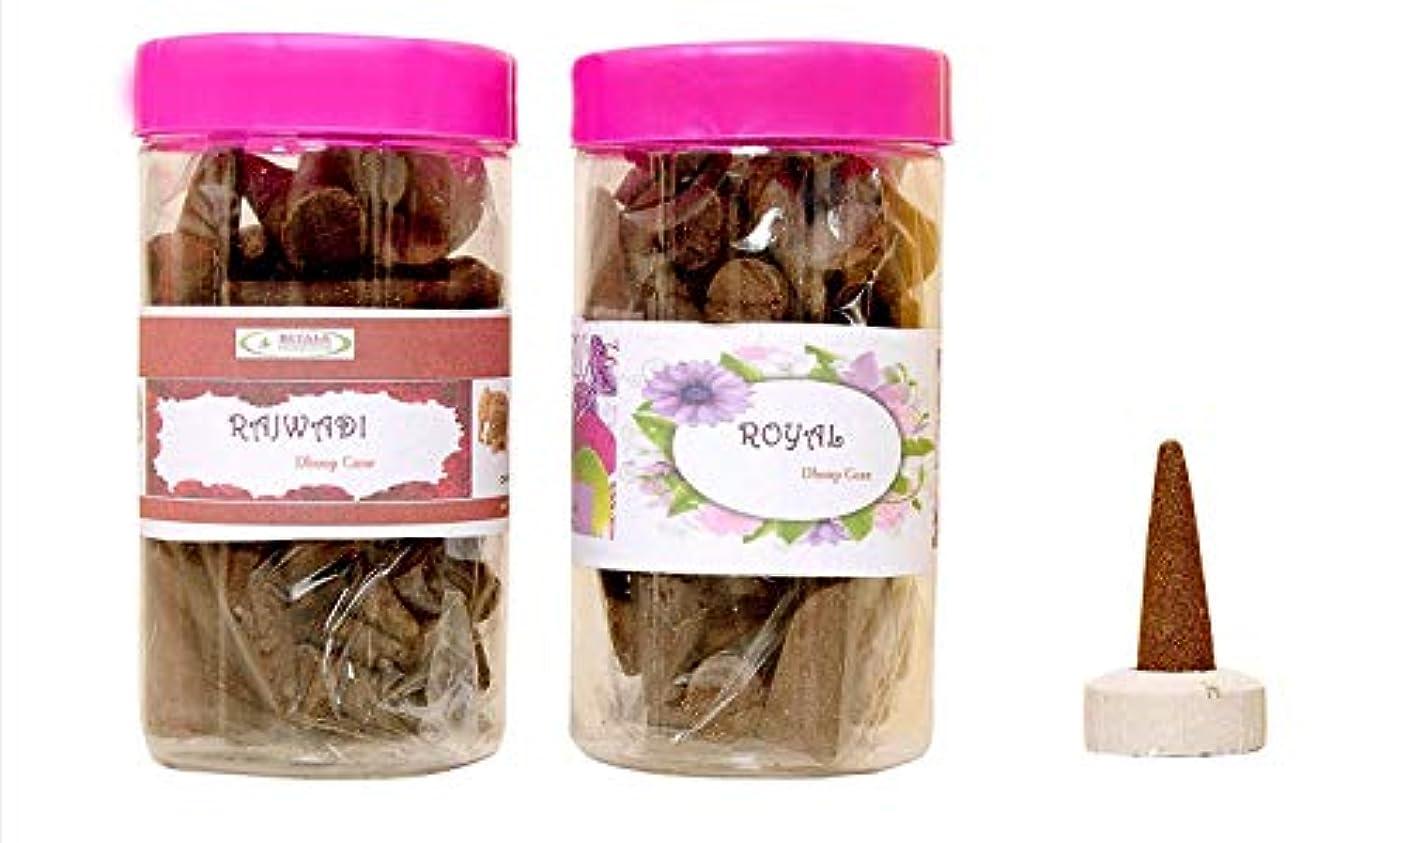 ユダヤ人印刷する修正するBETALA MARKETING Rajwadi and Royal Flavour Fragrance Incense Dhoop Batti Cones Combo with Holder Stand